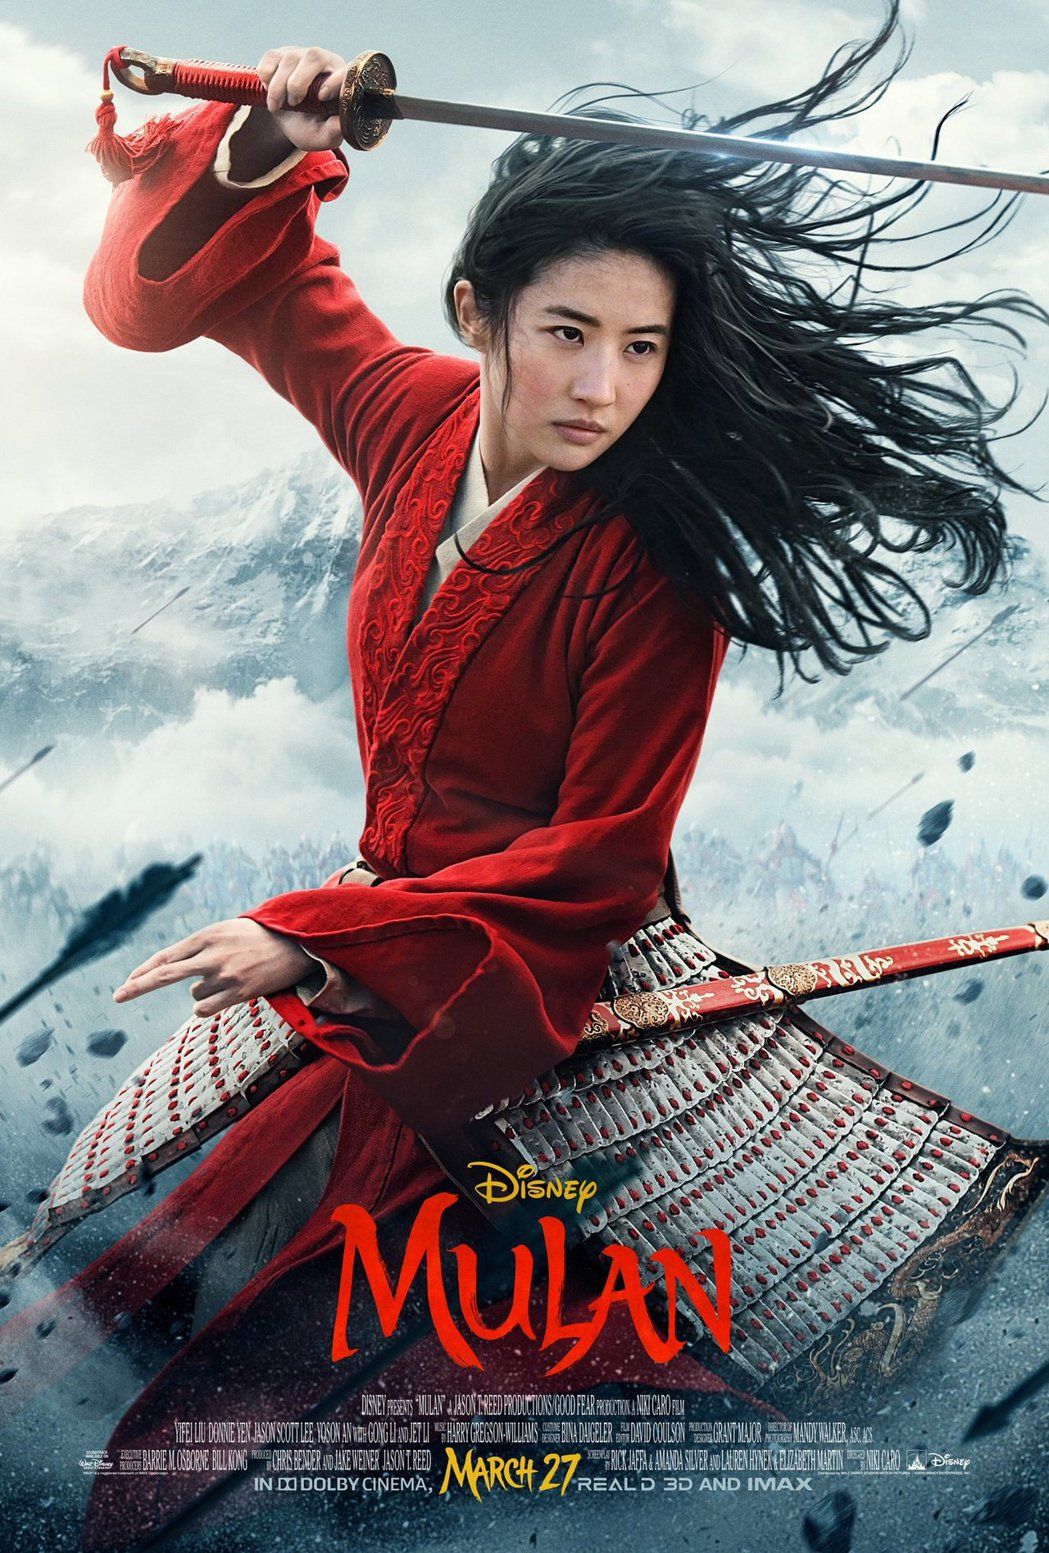 《花木兰》豆瓣评分跌至4.9 ,刘亦菲演技被嘲,网友看盗版都觉得浪费